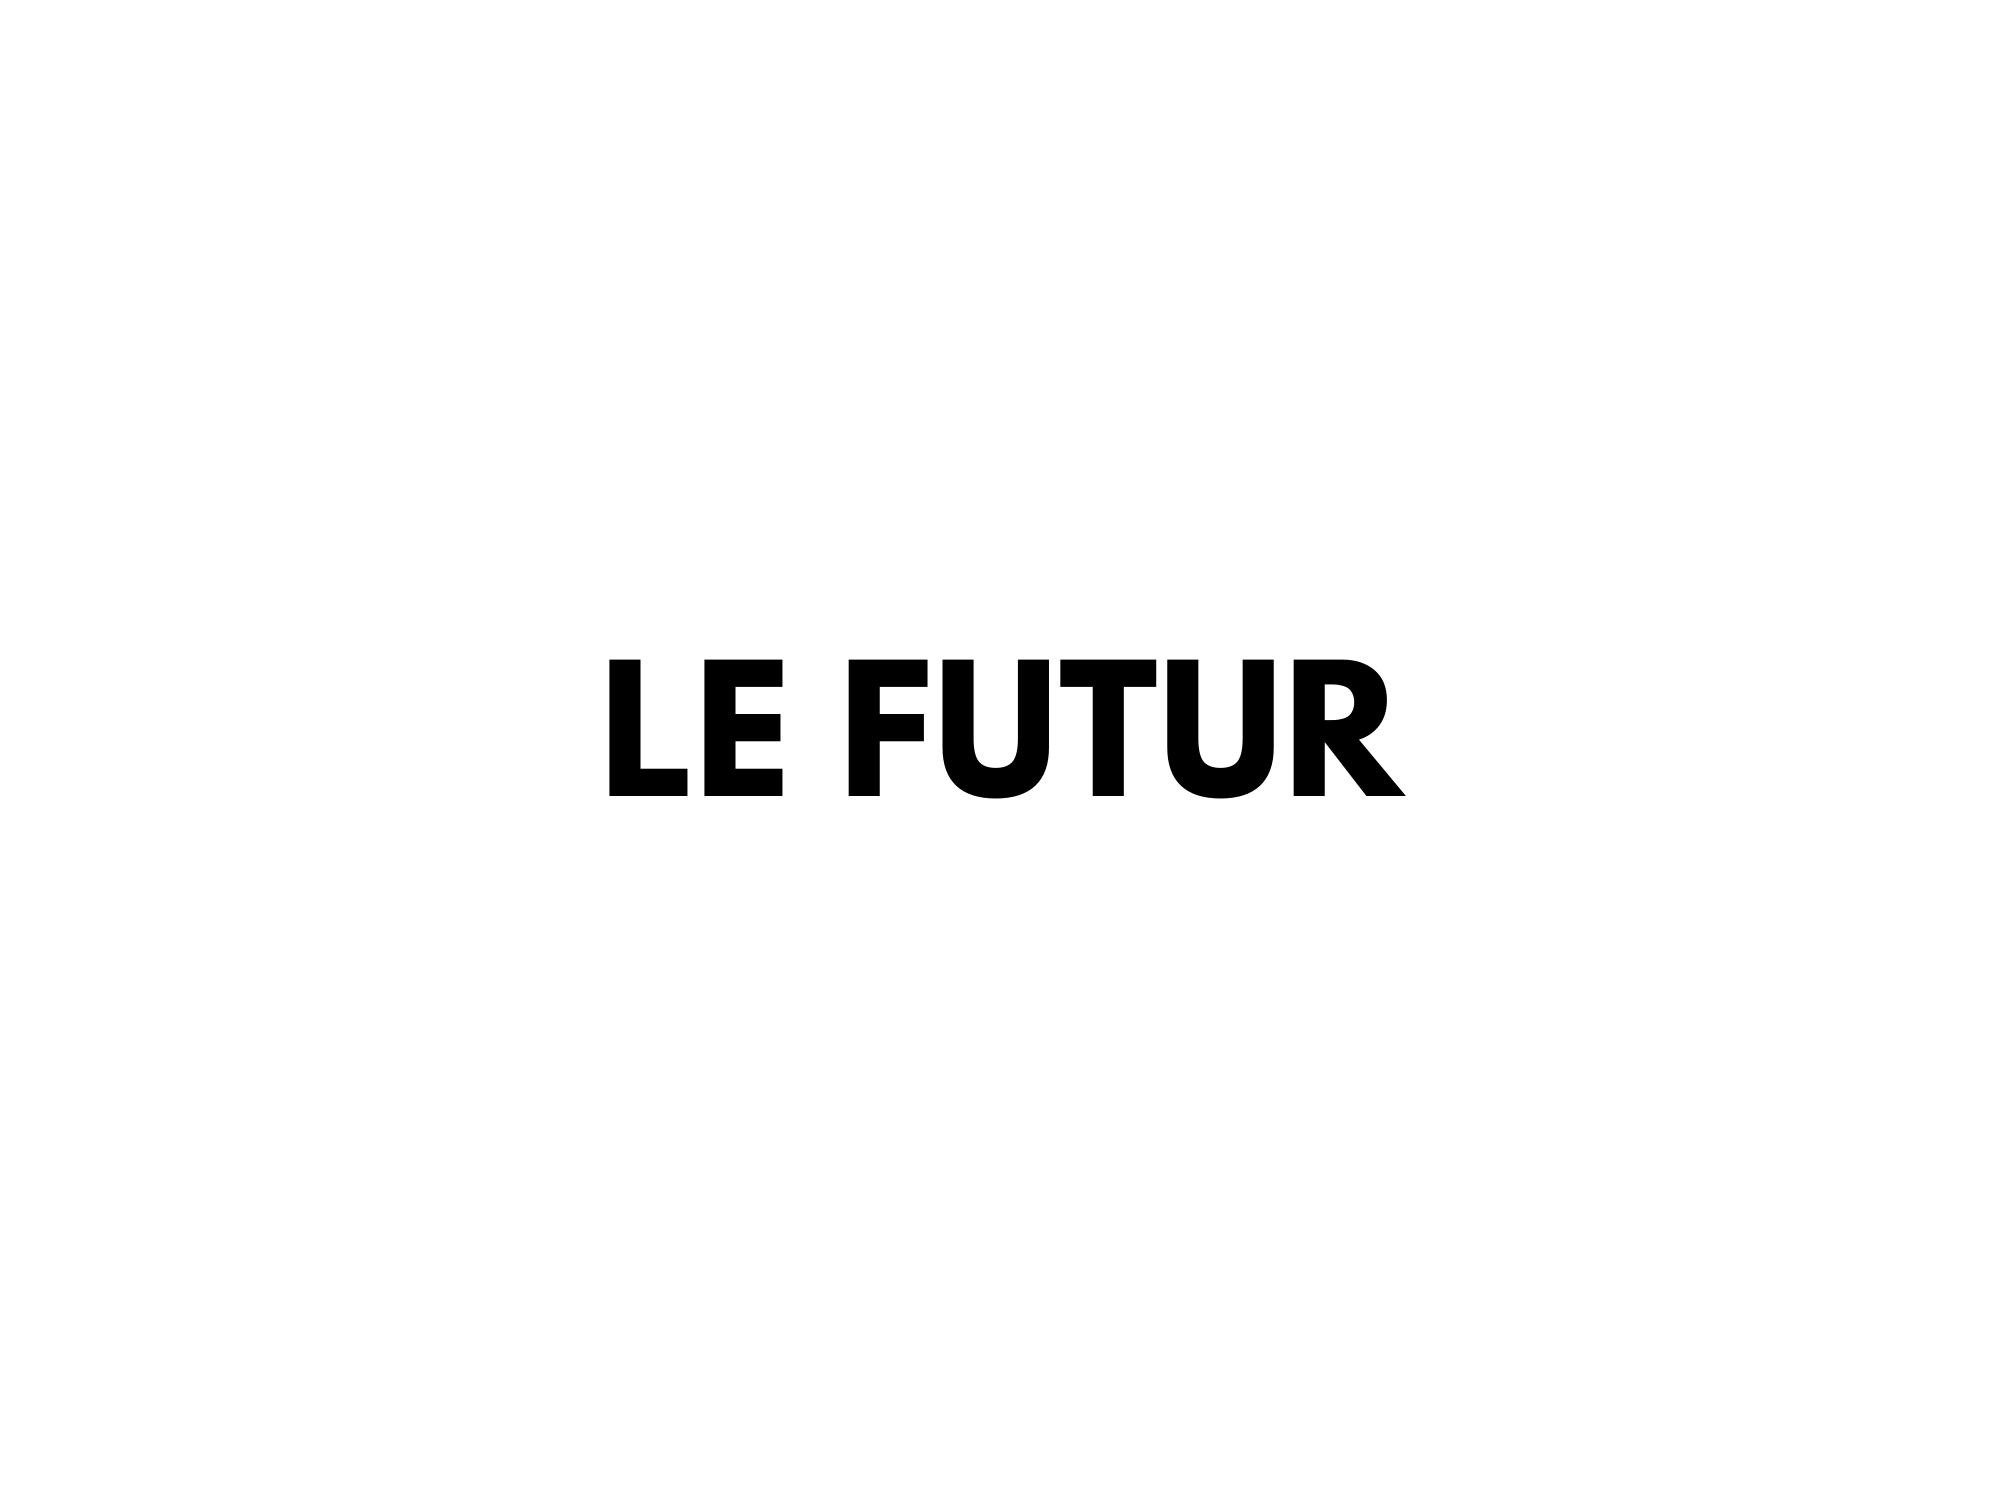 #19. Le futur vend du rêve.